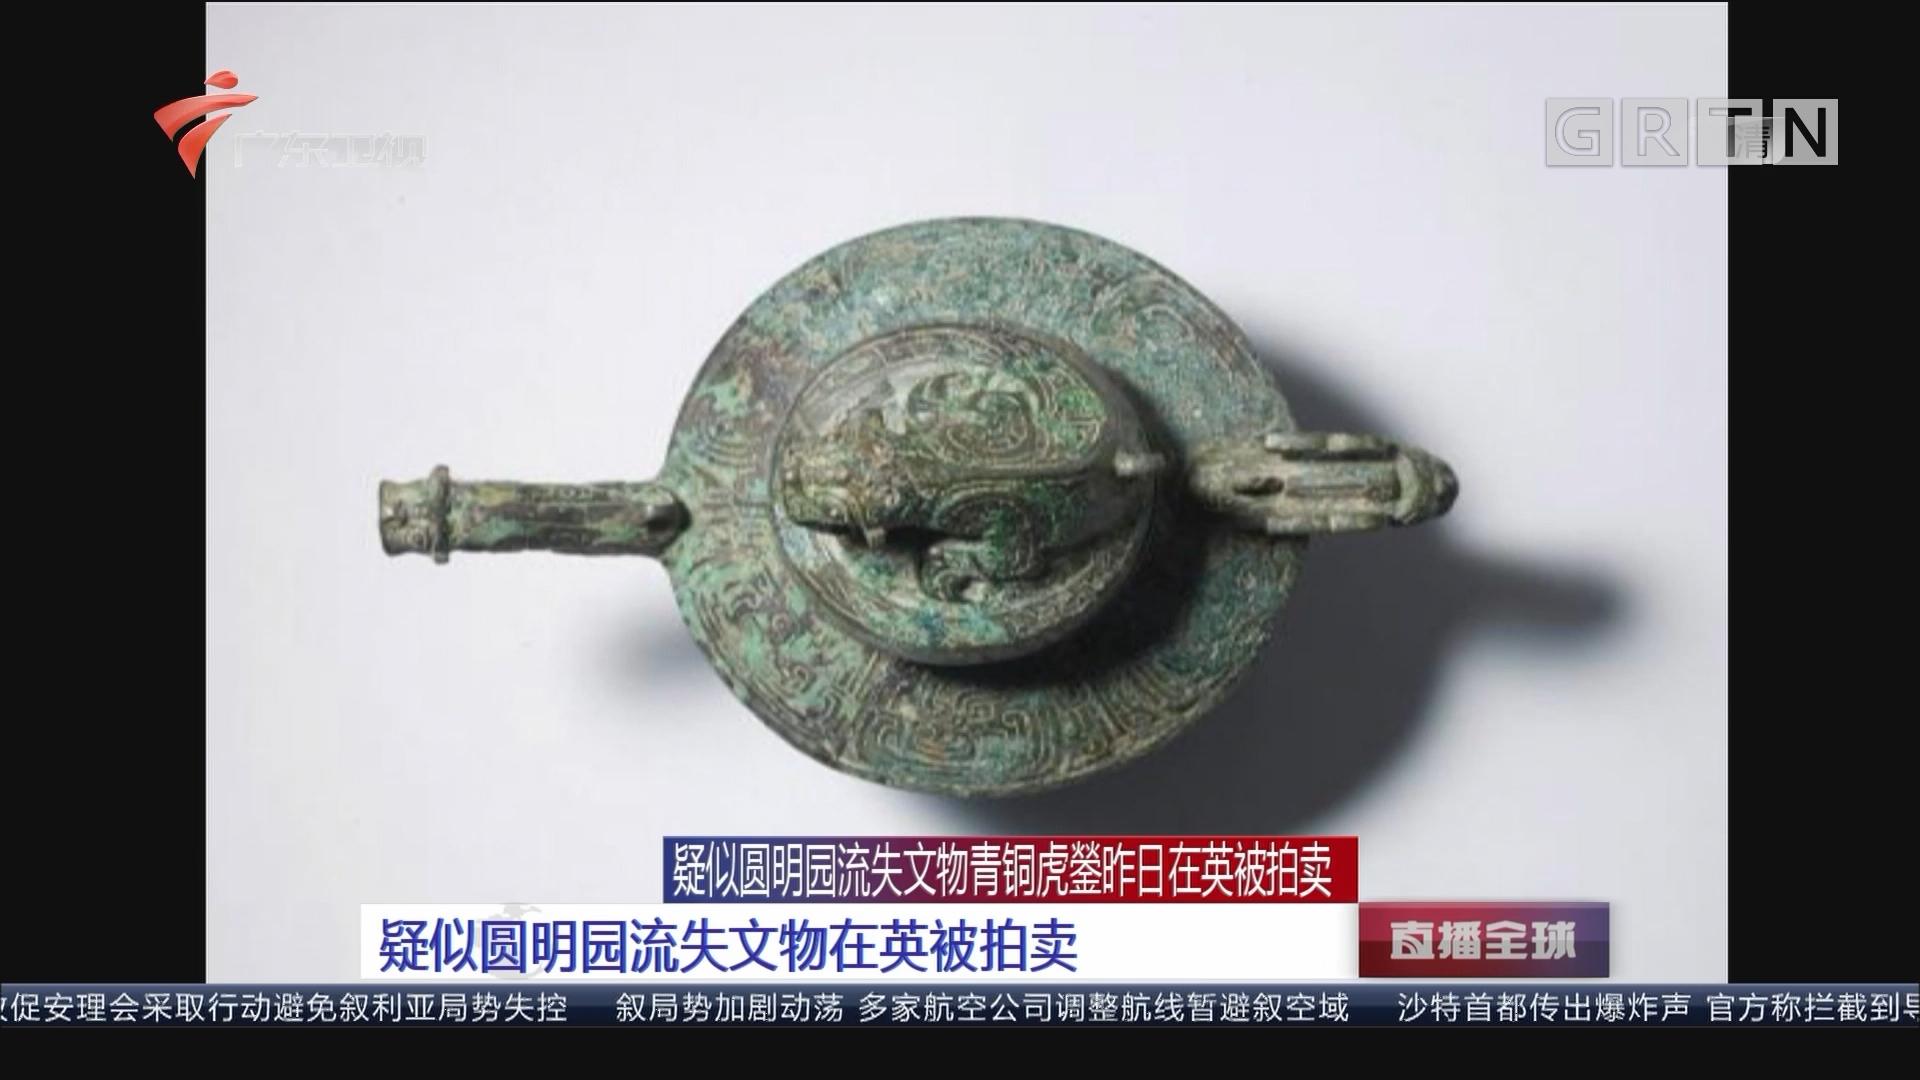 疑似圆明园流失文物青铜虎鎣昨日在英被拍卖:疑似圆明园流失文物在英被拍卖